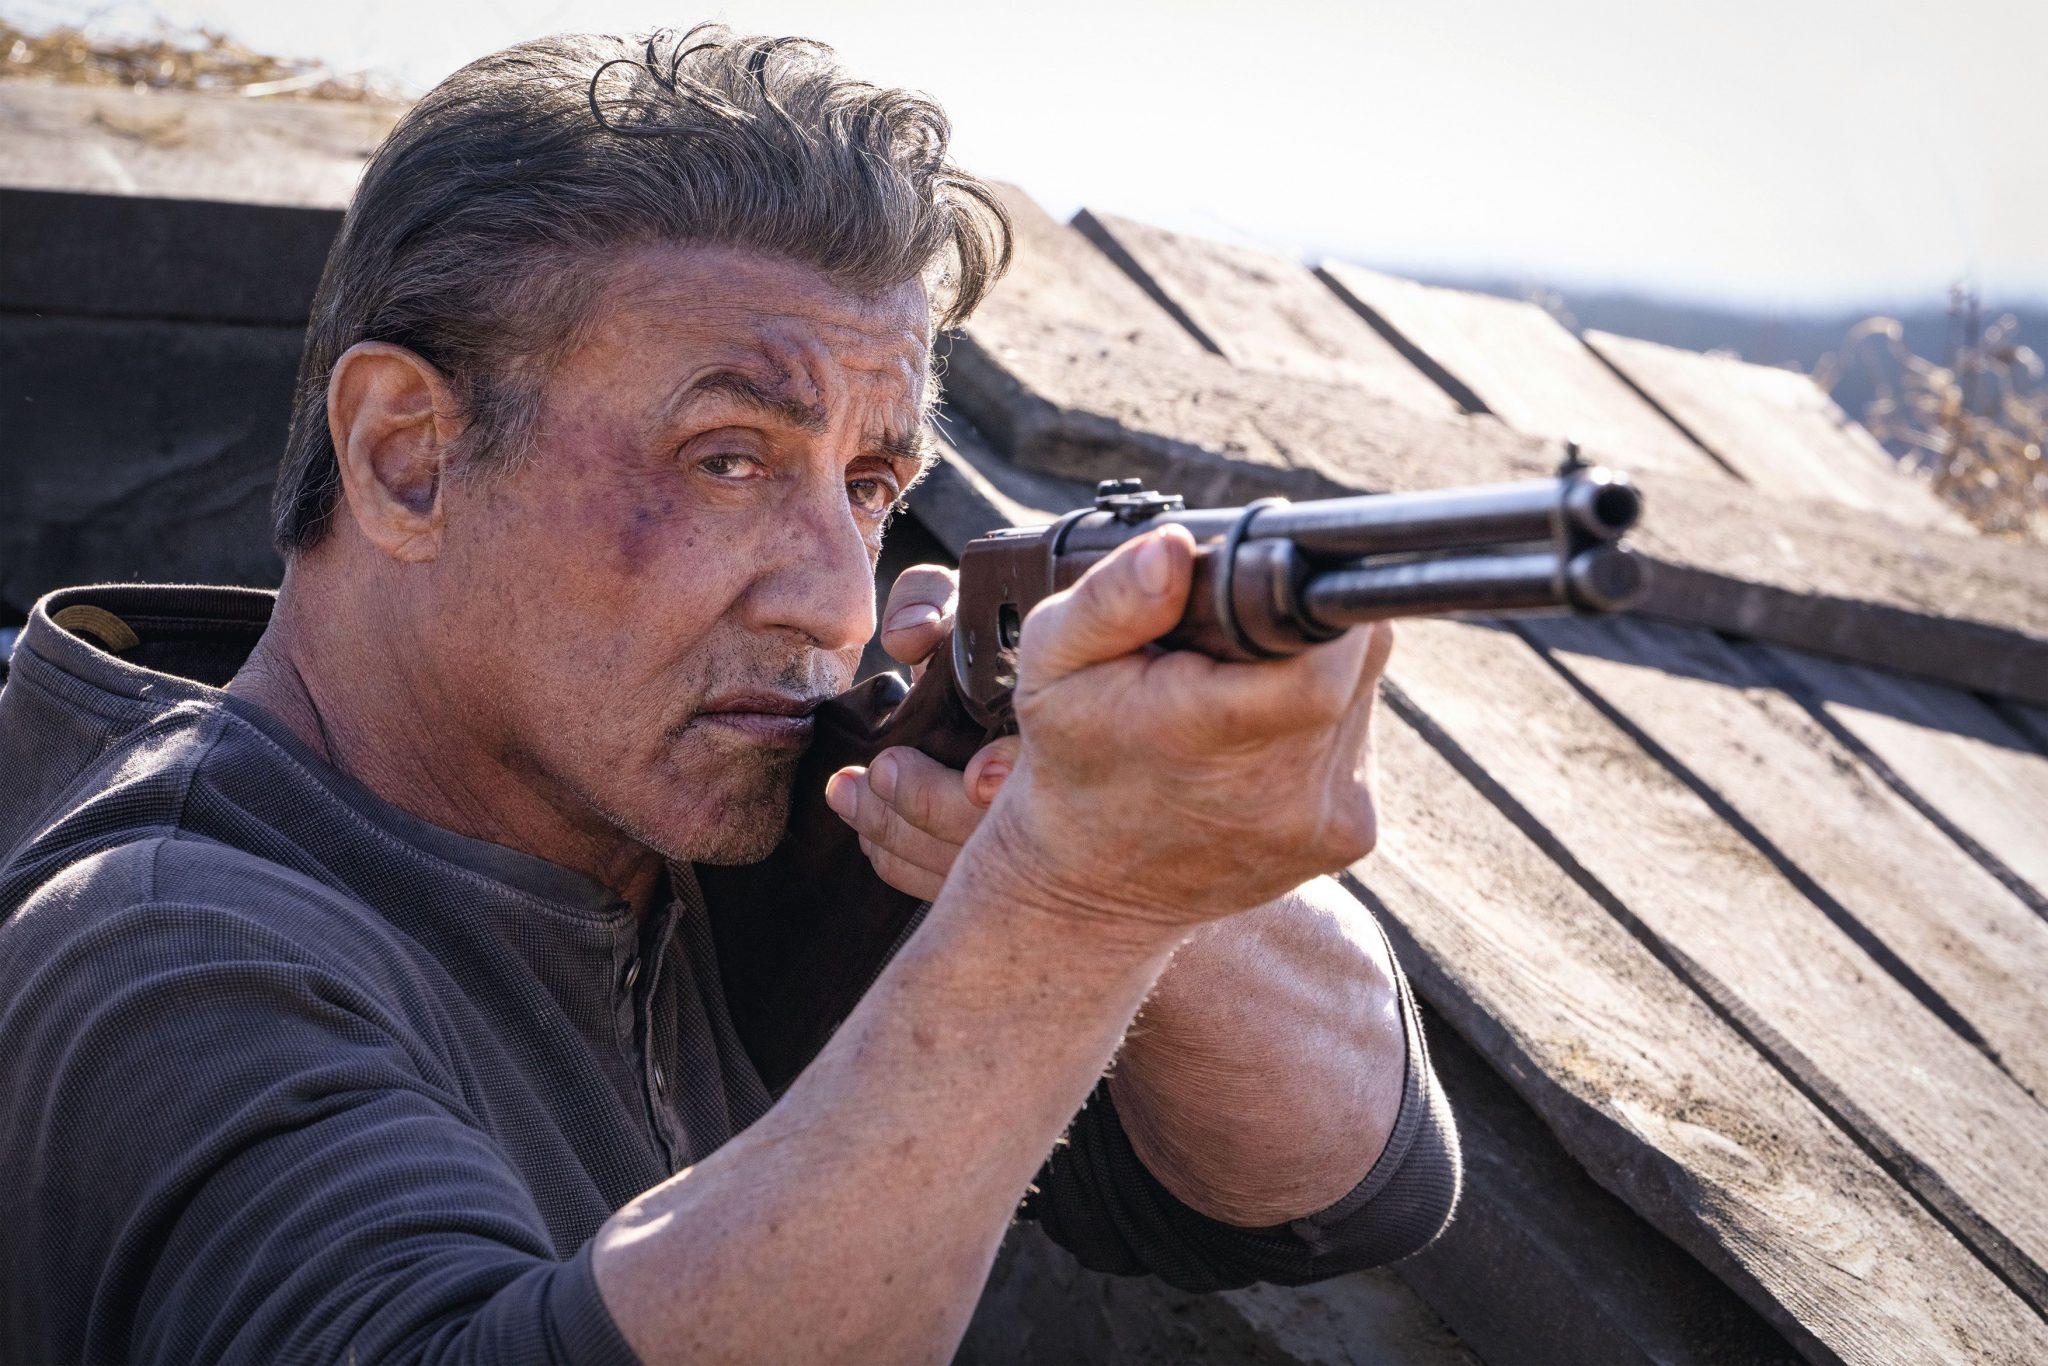 Mit einem Gewehr bewaffnet, empfängt John Rambo (Sylvester Stallone) offensichtlich unerwarteten Besuch © Universum Film